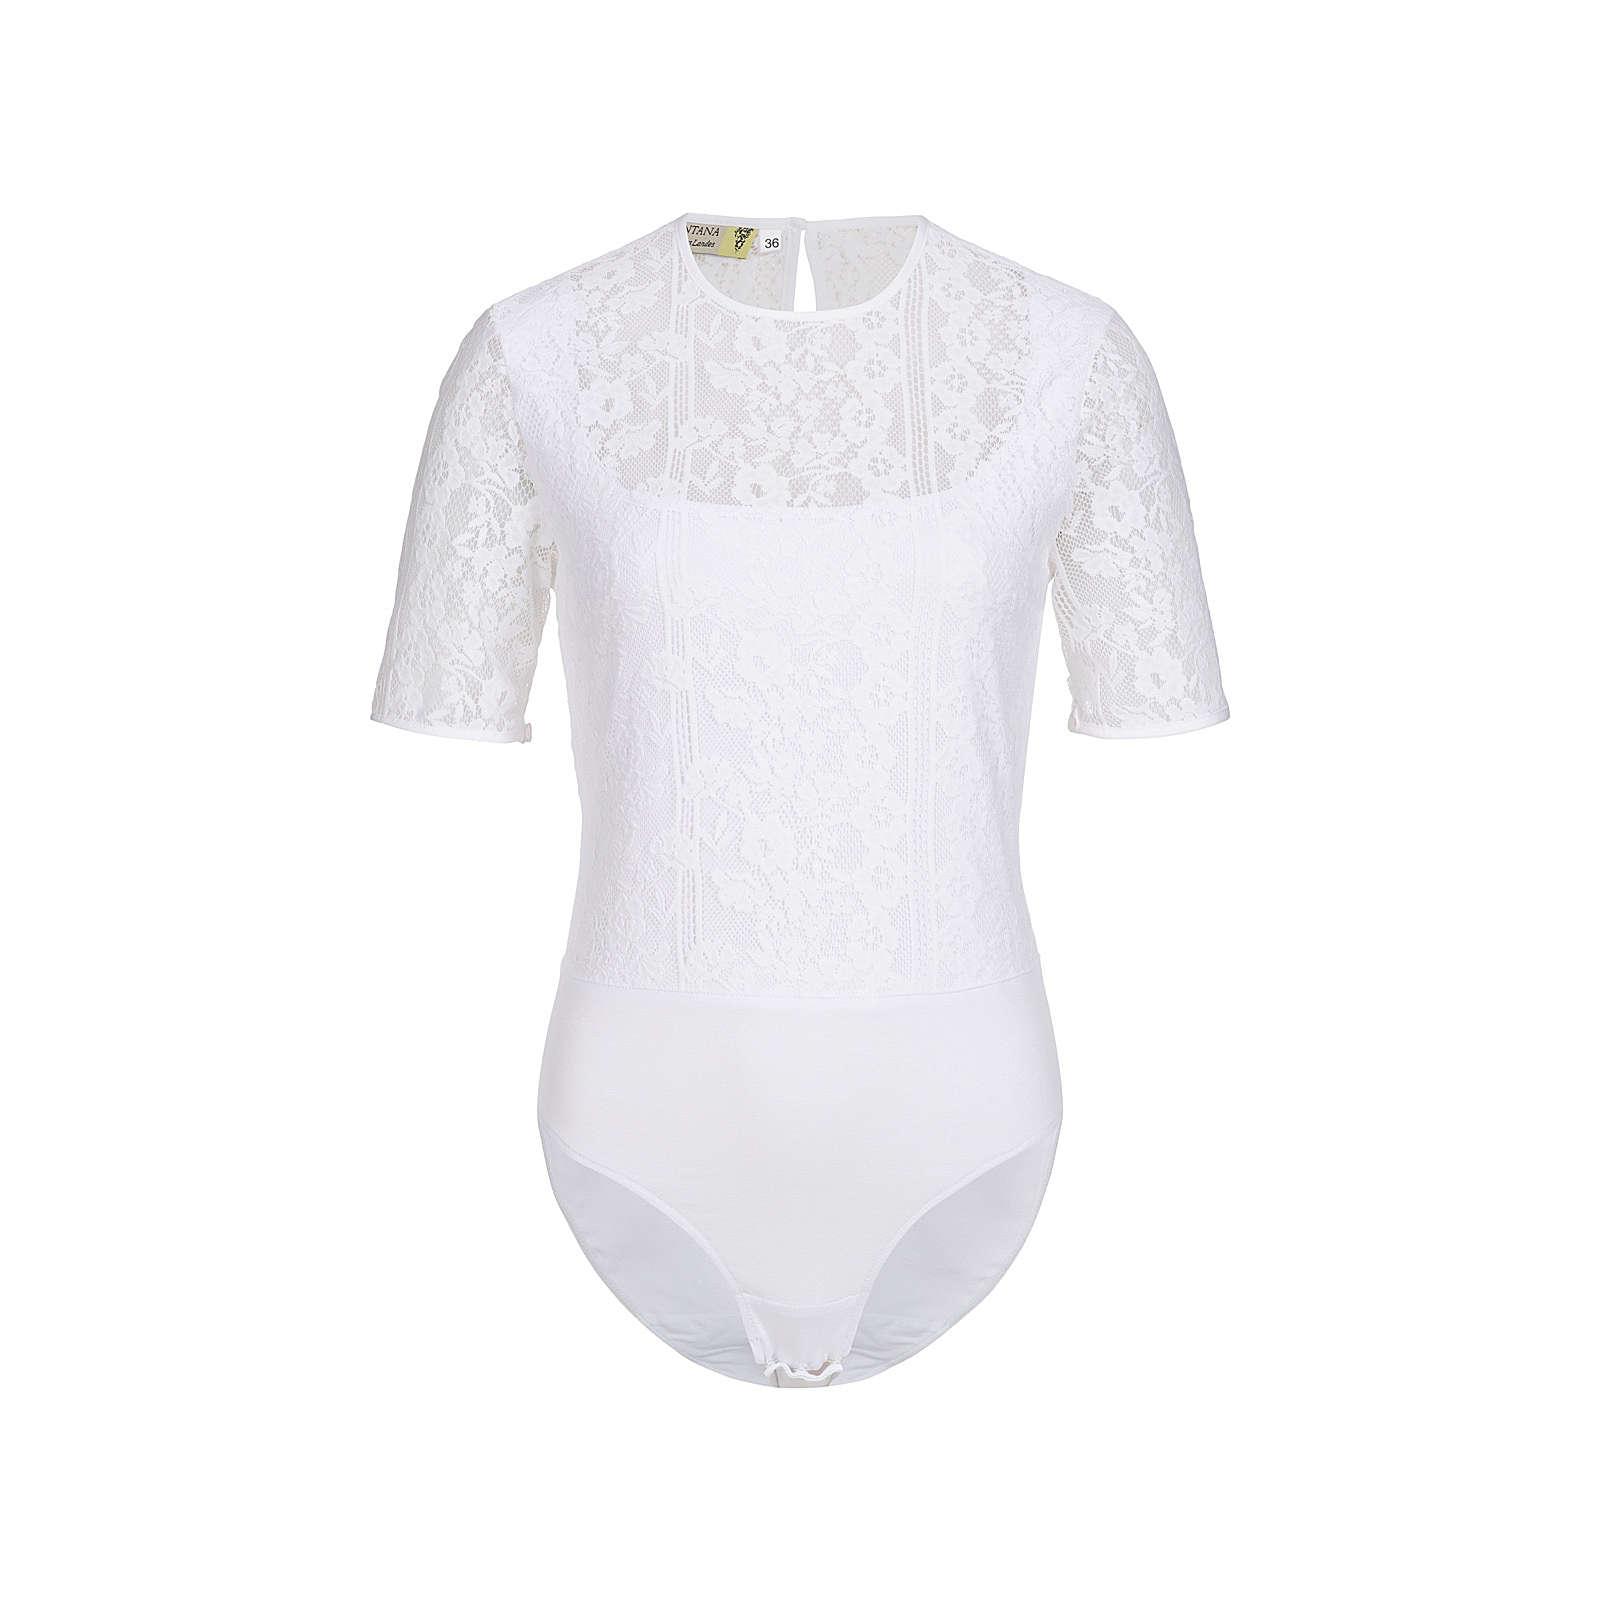 Blusenbody in weiß von Tramontana Langarmblusen weiß Damen Gr. 48